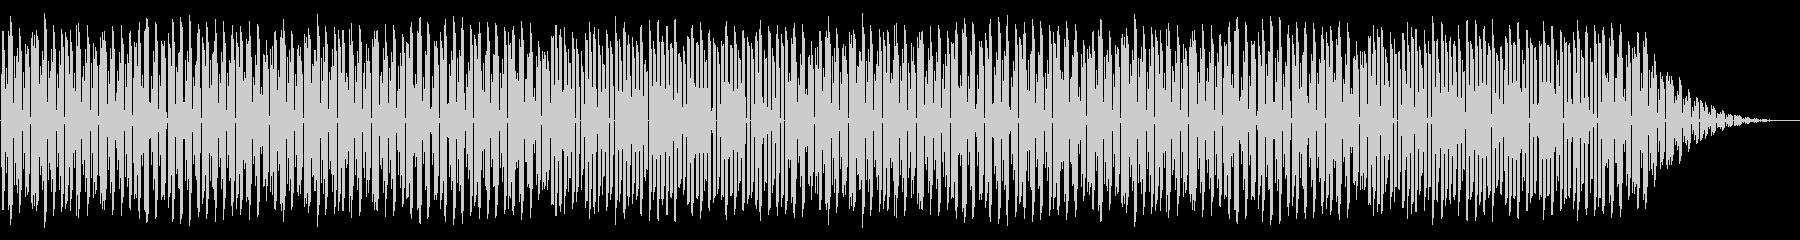 NES 和風 A01-1(タイトル) の未再生の波形